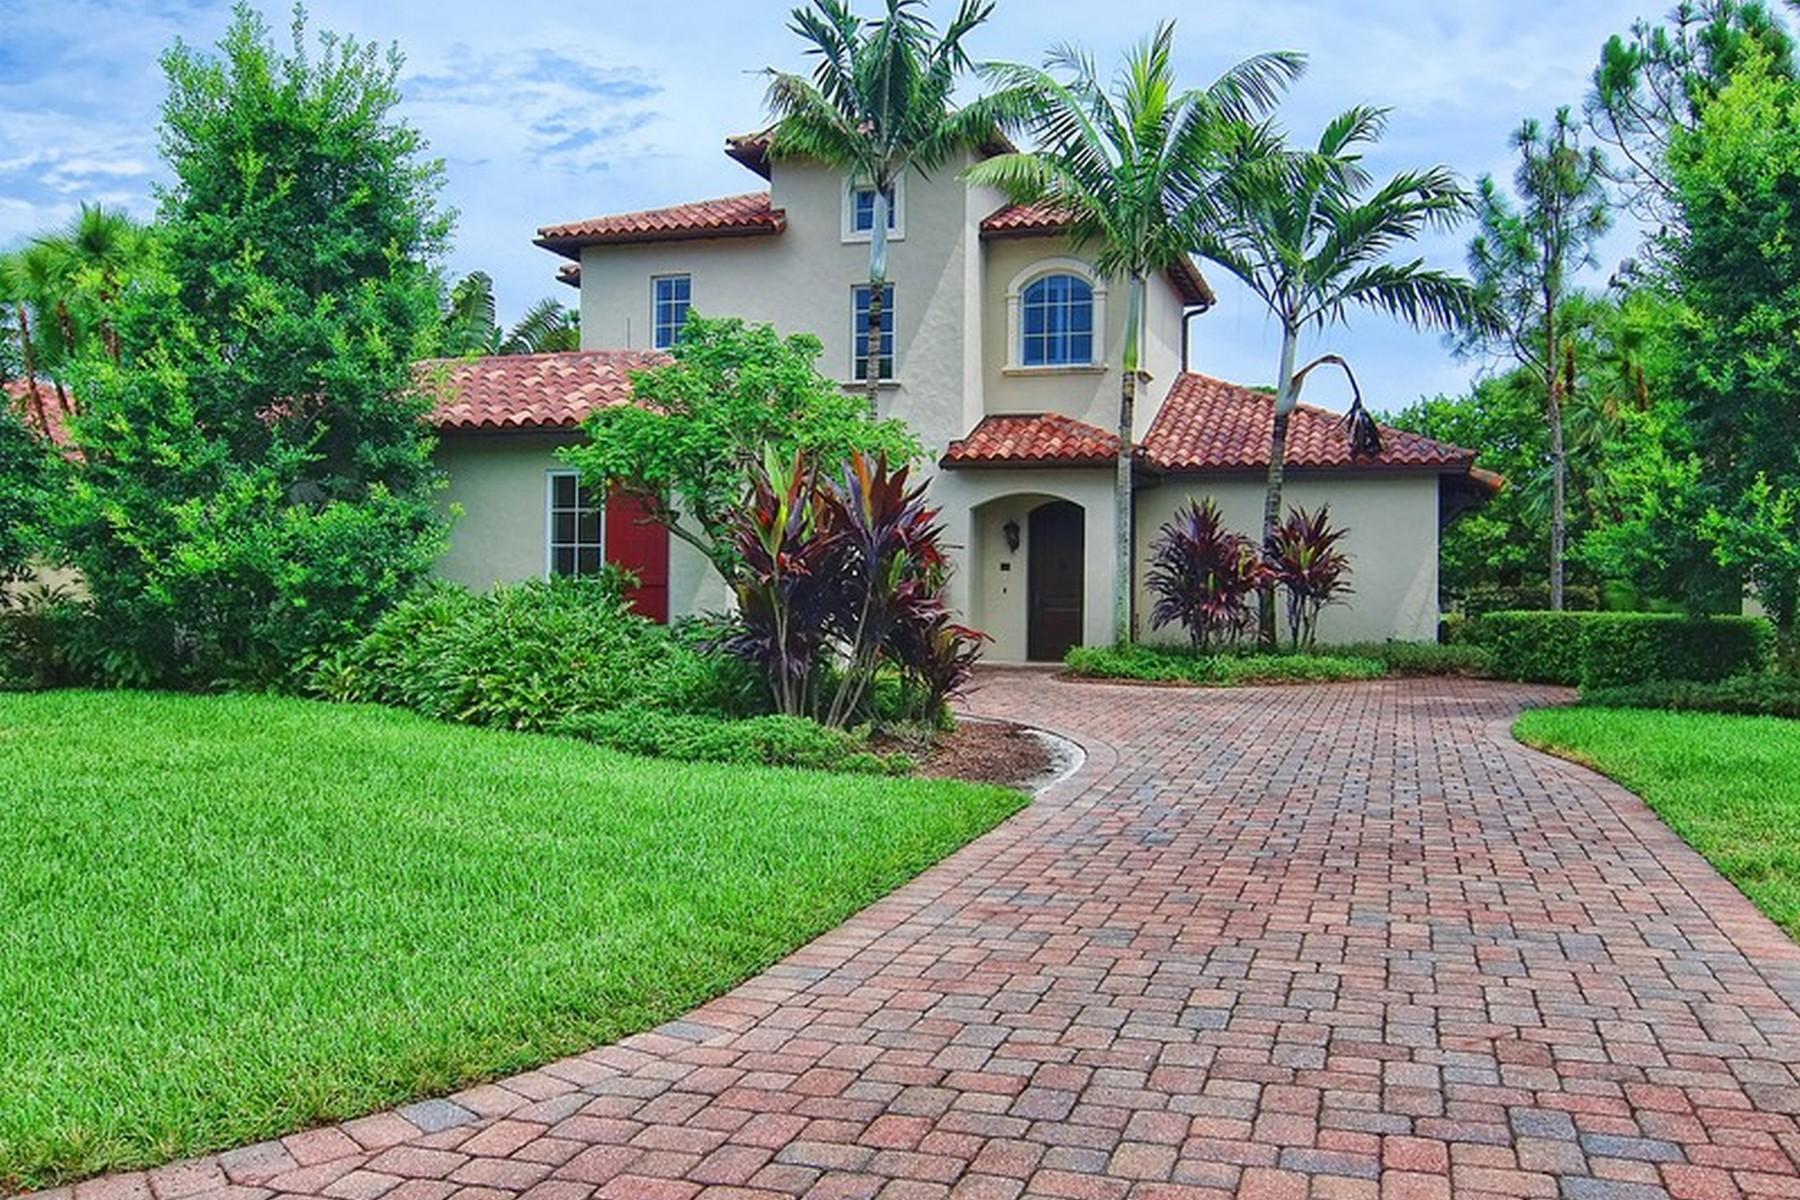 Sở hữu theo phần vì Bán tại 641 White Pelican Way (Interest 5) Jupiter, Florida 33477 Hoa Kỳ